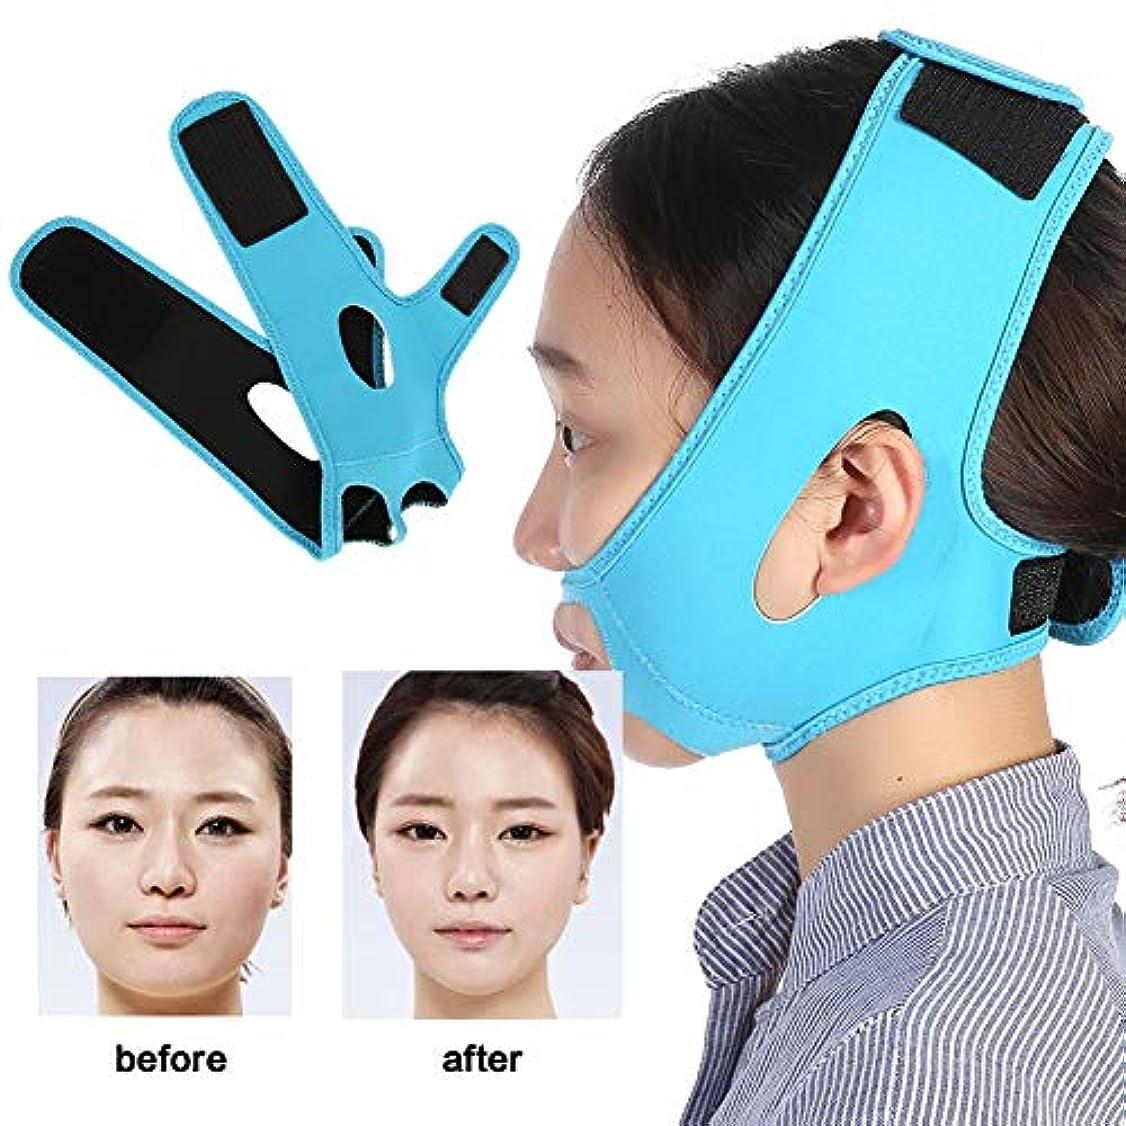 想像力豊かな識別する懲戒顔の輪郭を改善するためのフェイスマスクのスリム化 Vフェイス美容包帯 通気性/伸縮性/非変形性